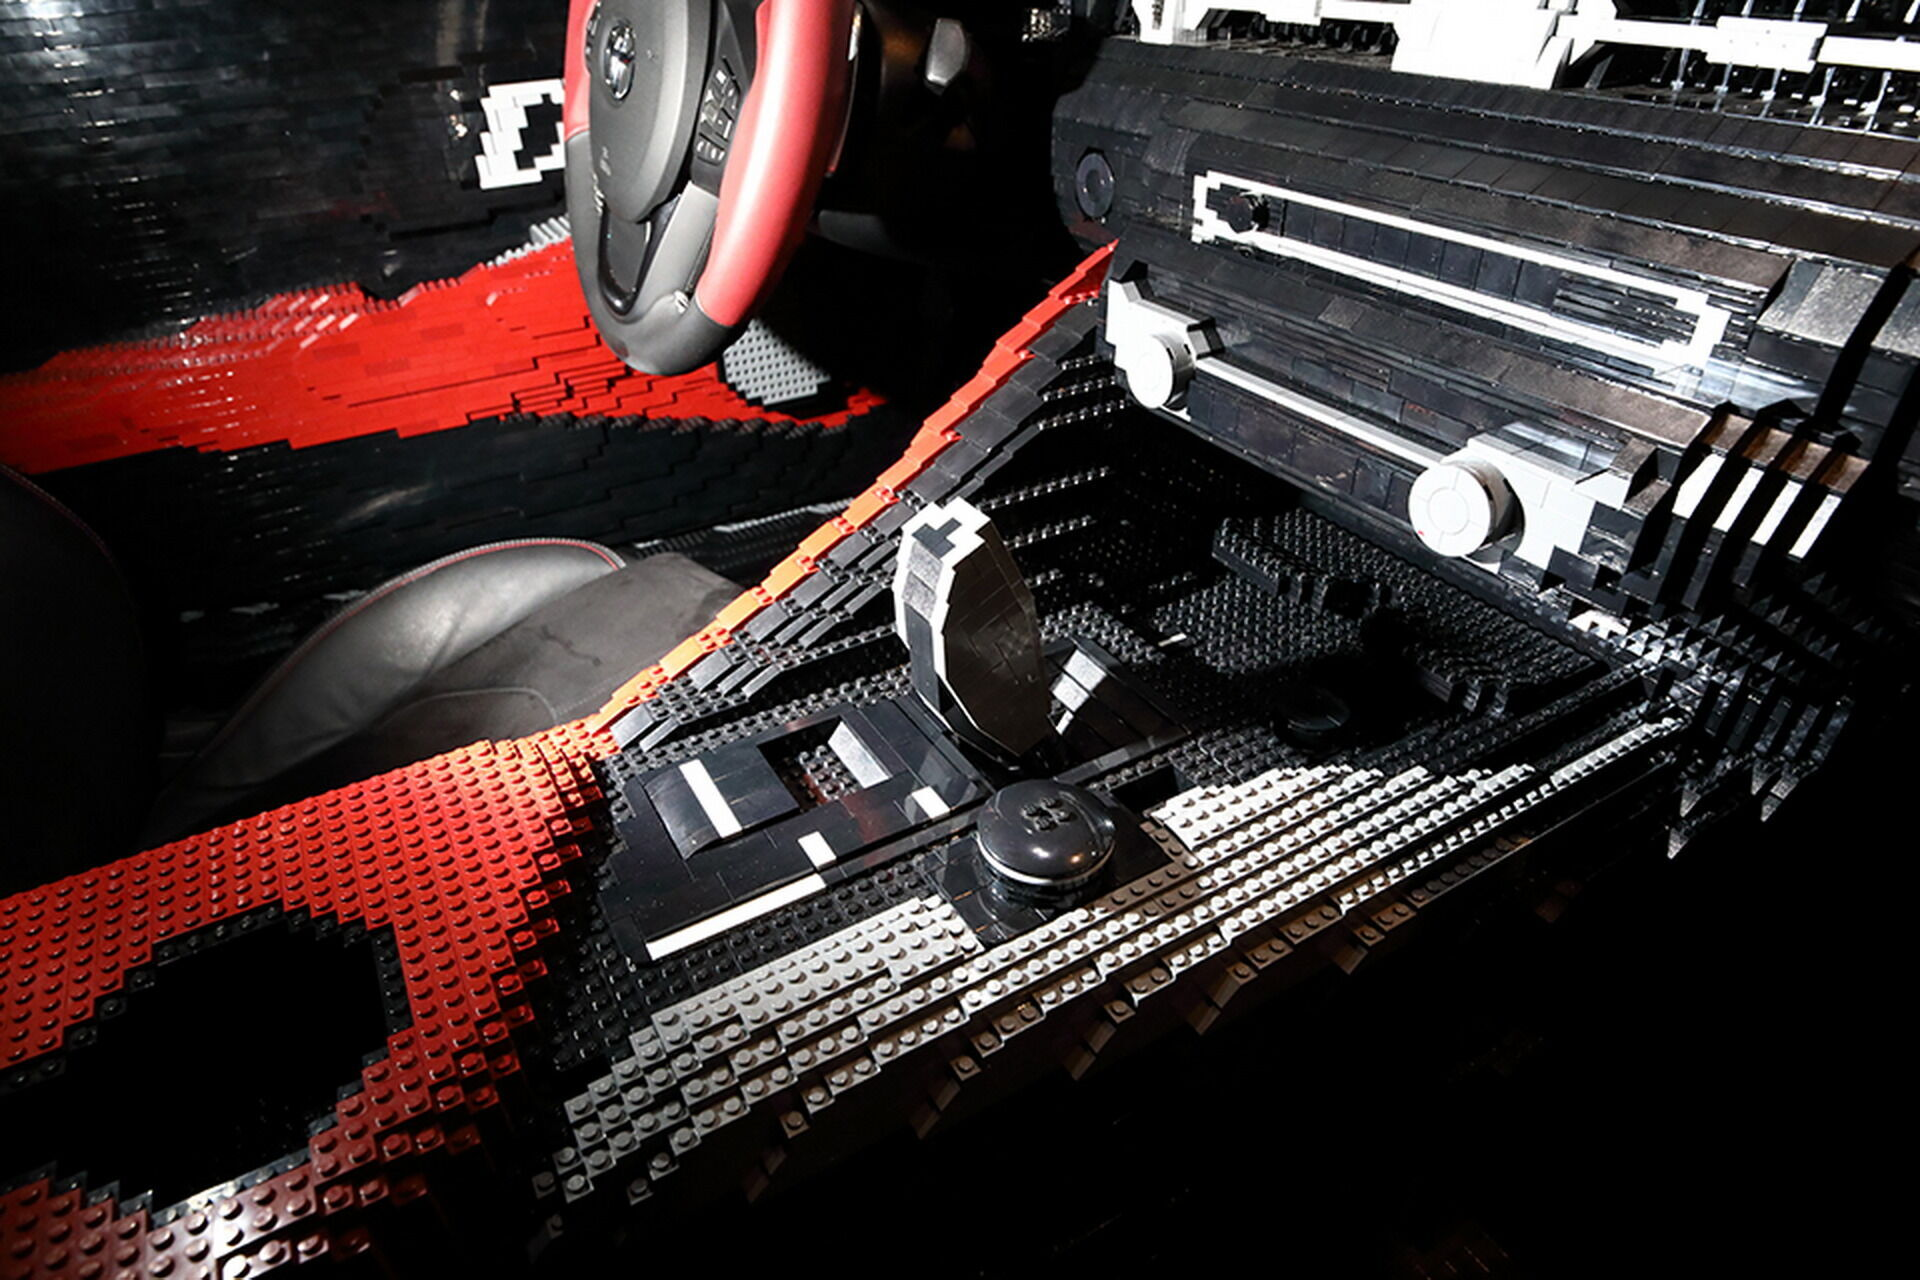 Інтер'єр майже повністю виконаний з пластикових деталей Lego, включаючи центральну консоль і торпеду